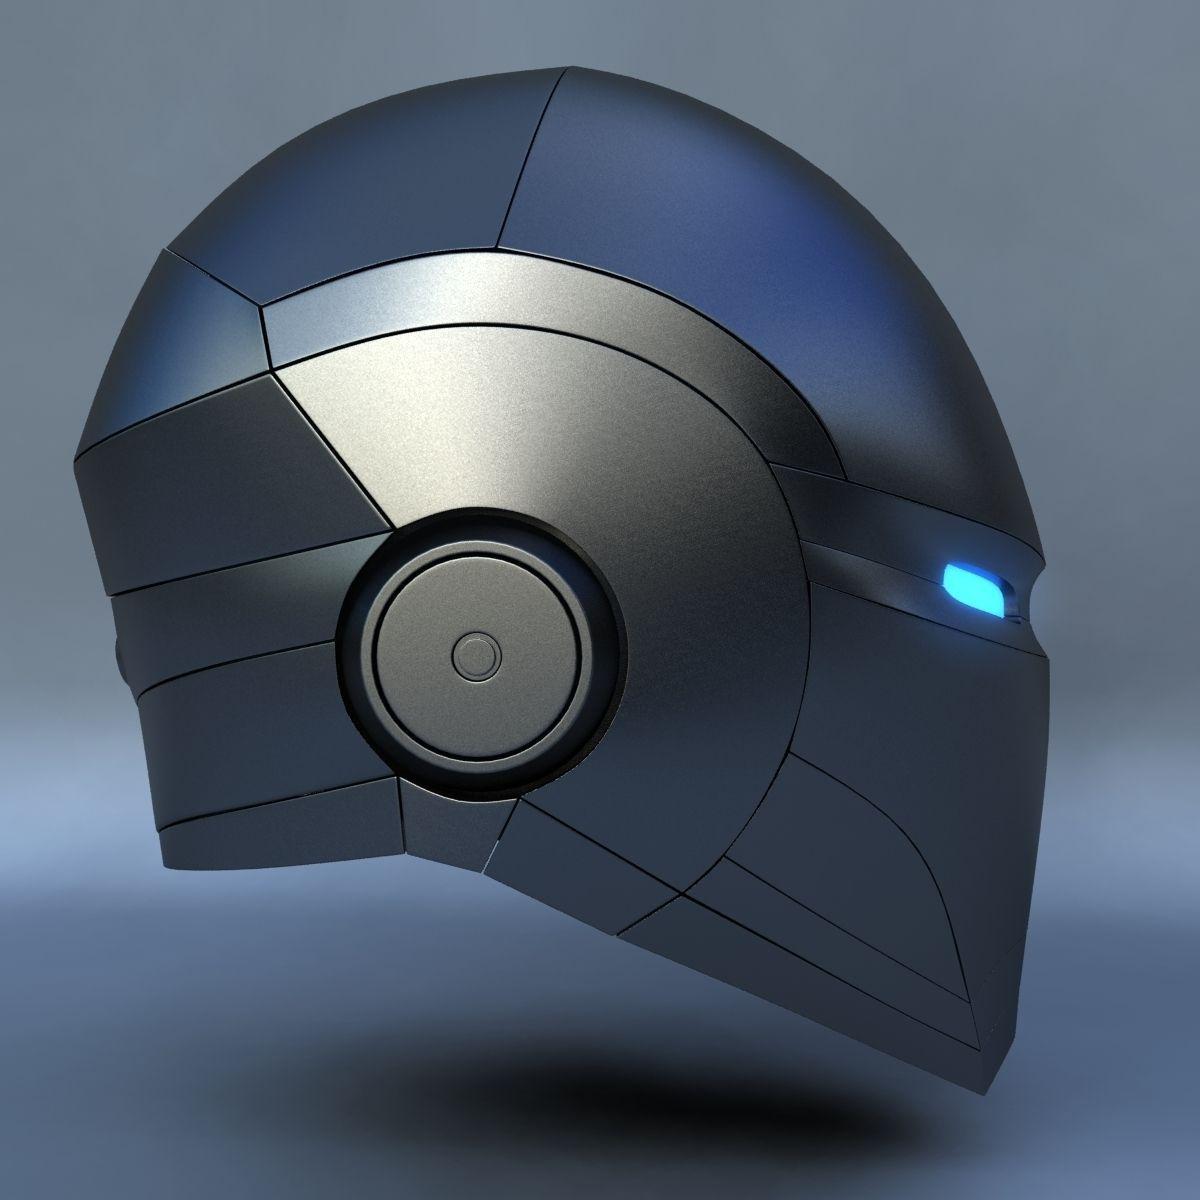 Robot Head E 3D Model max CGTradercom